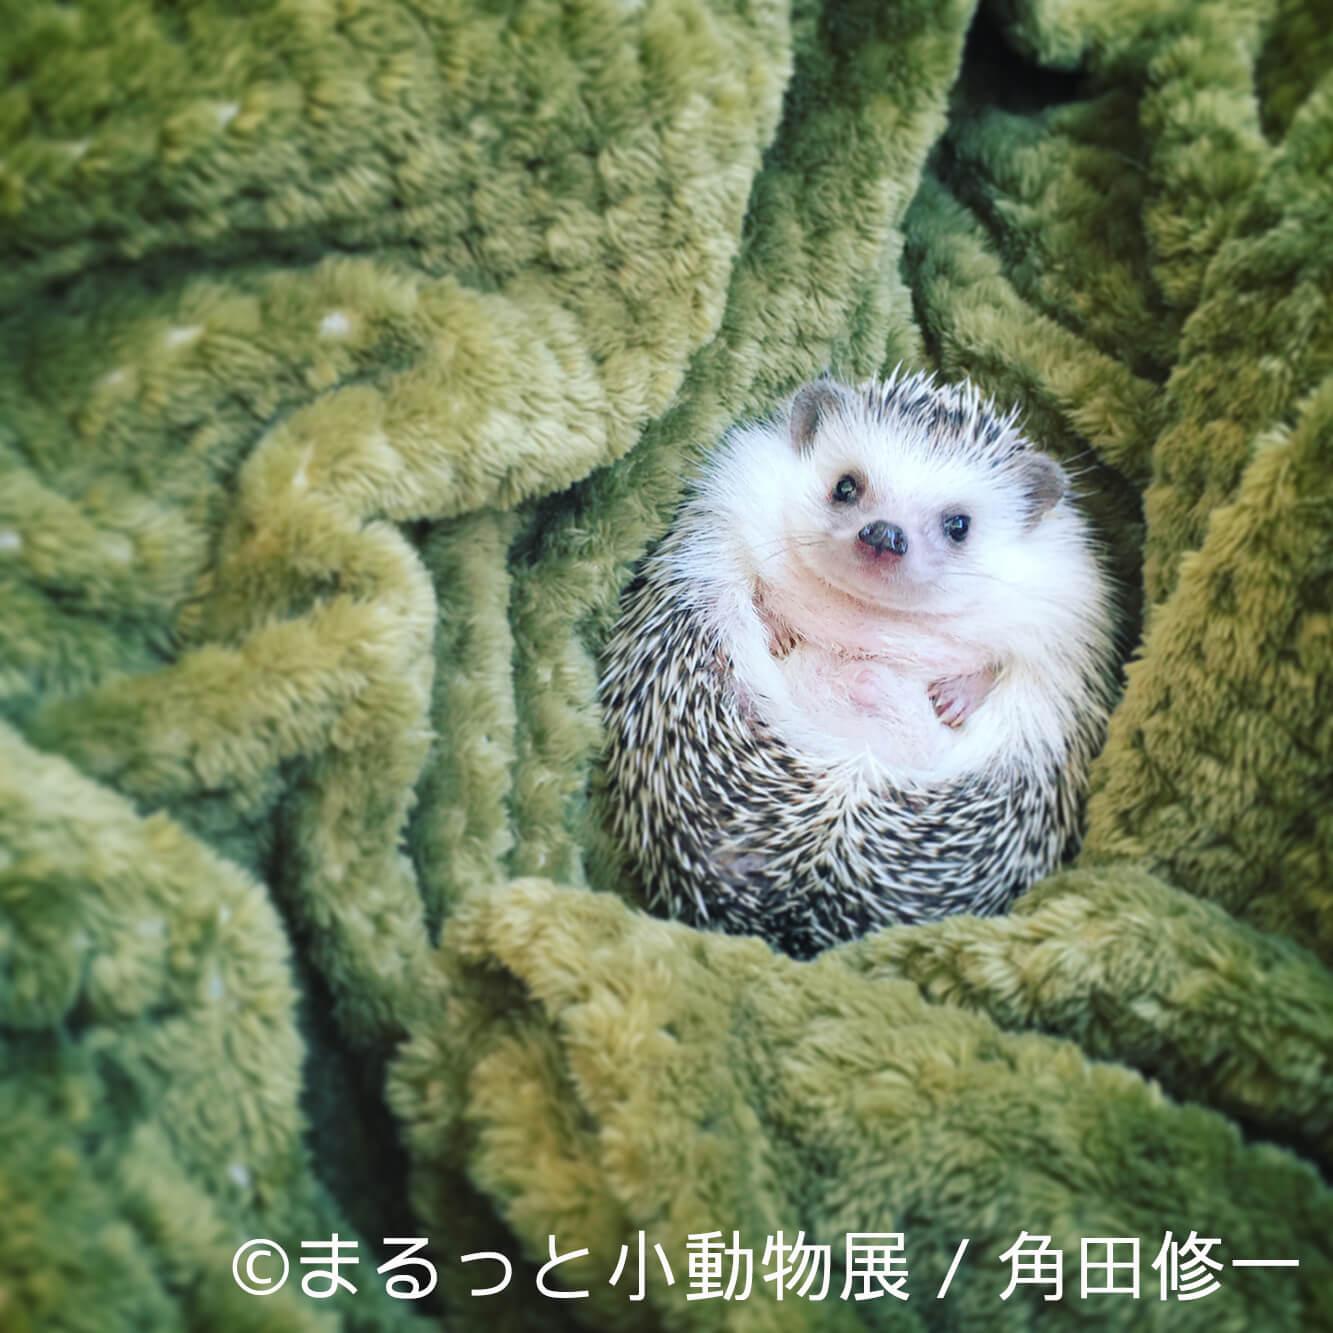 角田修一 | まるっと小動物展 | Fanimal(ファニマル)